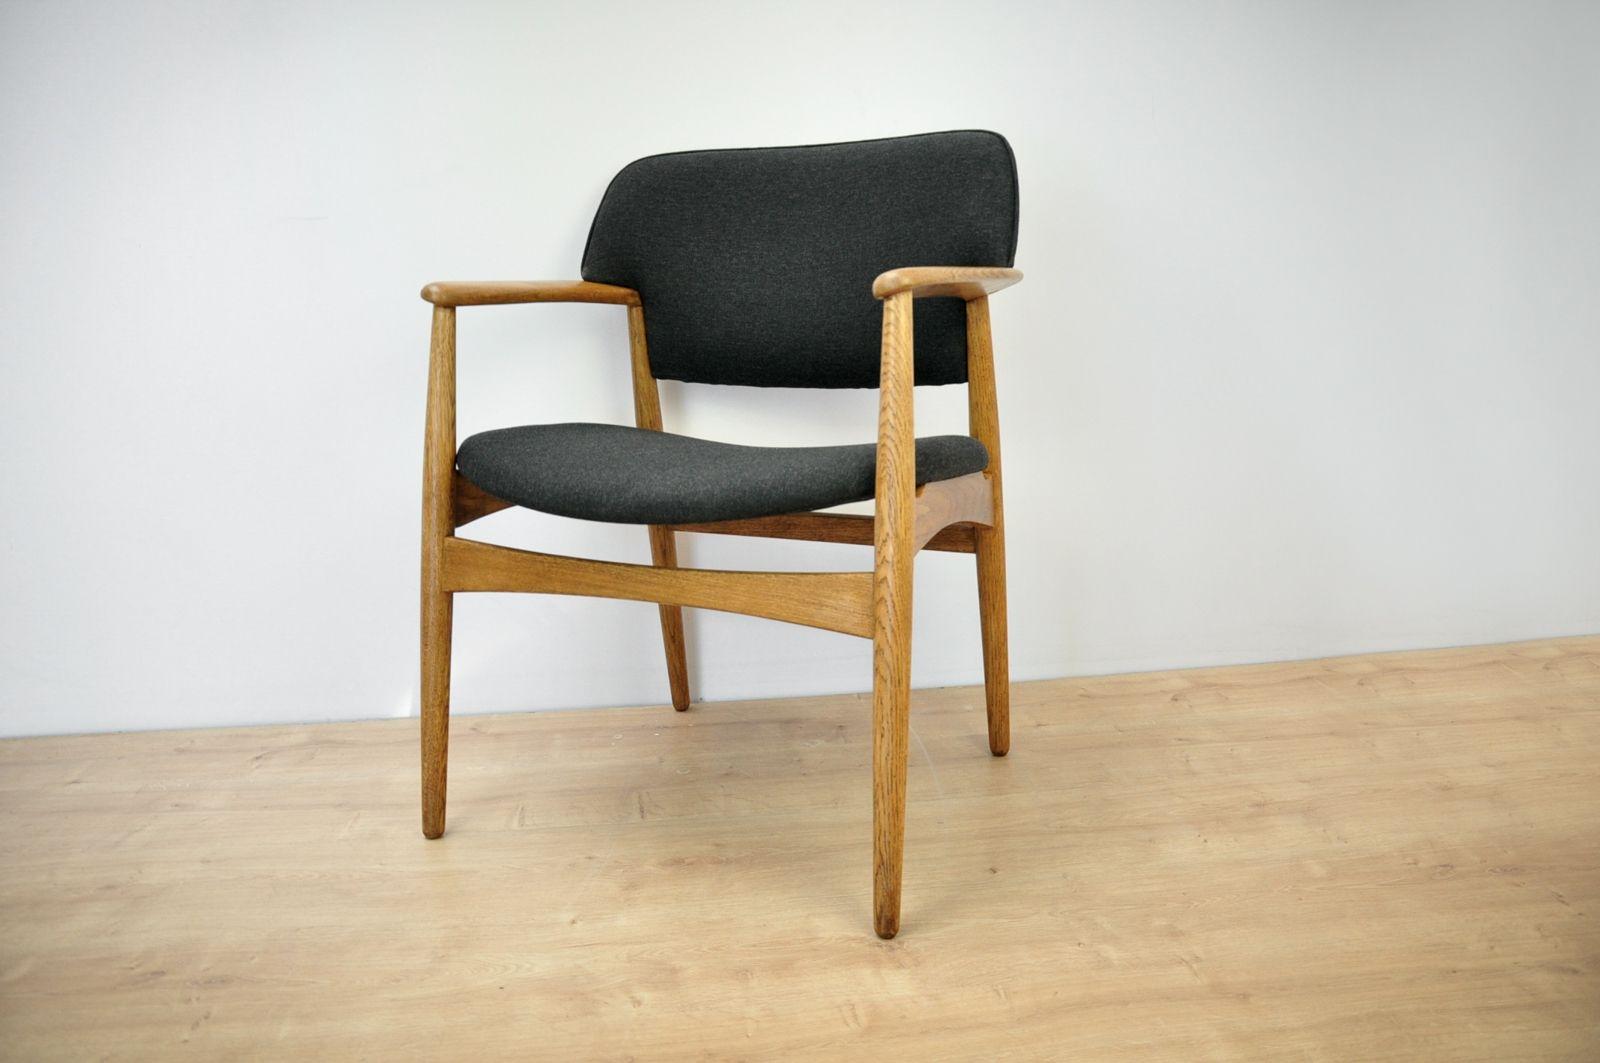 vintage-armchair-1205-in-oak-by-a-b-madsen-larsen-for-fritz-hansen1